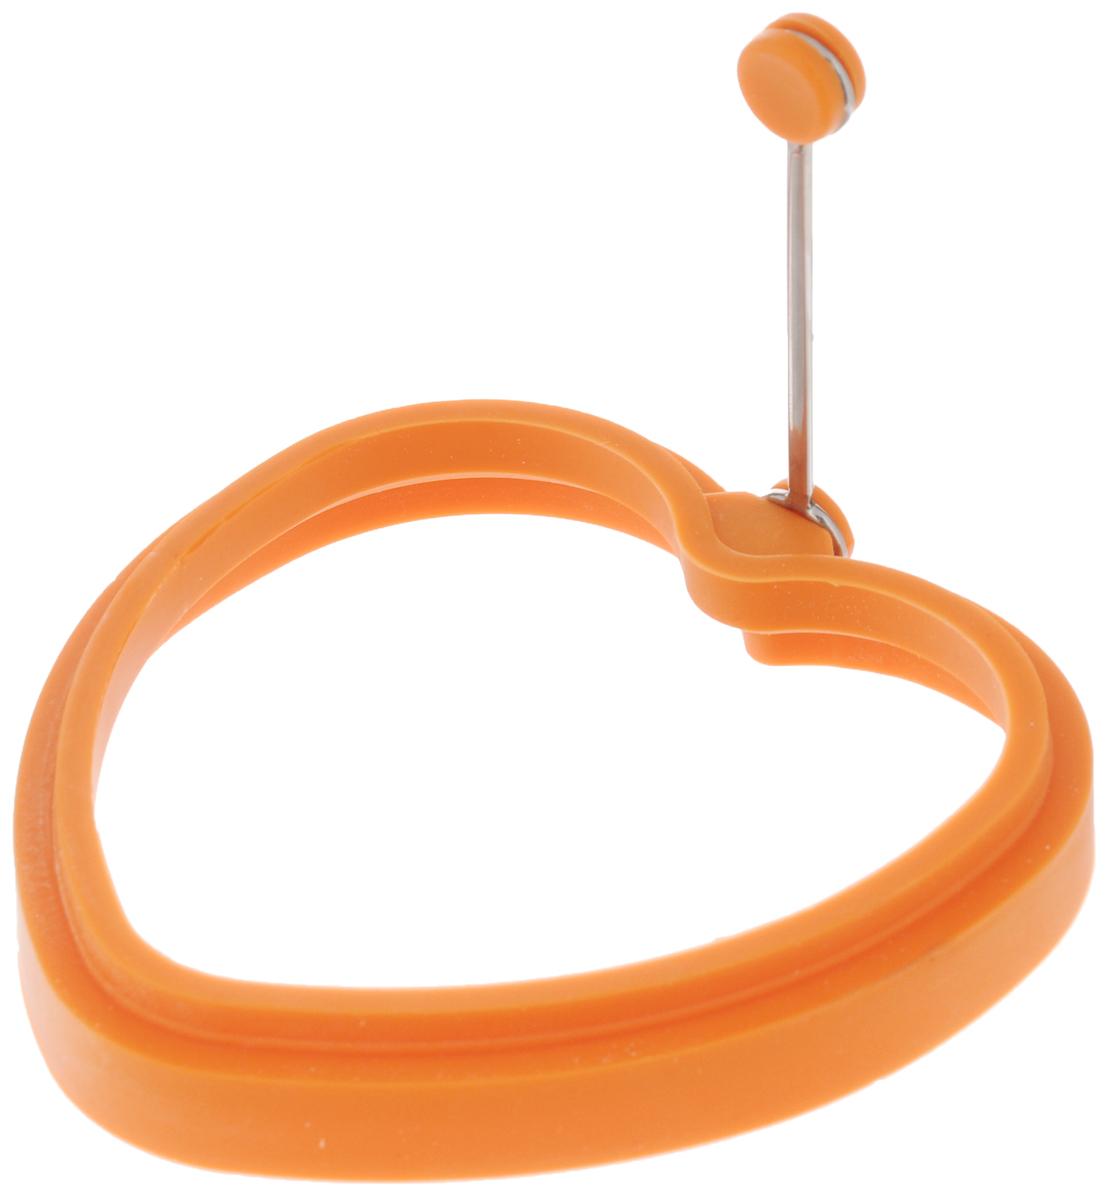 Форма для яичницы Mayer & Boch Сердце, цвет: оранжевый94672Форма Mayer & Boch Сердце выполнена из силикона и предназначена для приготовления яичницы, выпекания блинов необычной формы и многого другого. Необходимо просто залить приготавливаемую массу внутрь формочки, расположенной на сковородке, и подождать, пока блюдо не дойдет до нужной кондиции.Форма оснащена металлической ручкой с силиконовой вставкой, что облегчит снятие изделия со сковороды и предотвратит появление ожогов. Благодаря такой формочке, вы привнесете немного оригинальности и разнообразия в свой повседневный завтрак.Можно мыть в посудомоечной машине.Размер формы: 11,5 х 11,5 х 2 см.Длина ручки: 8 см.